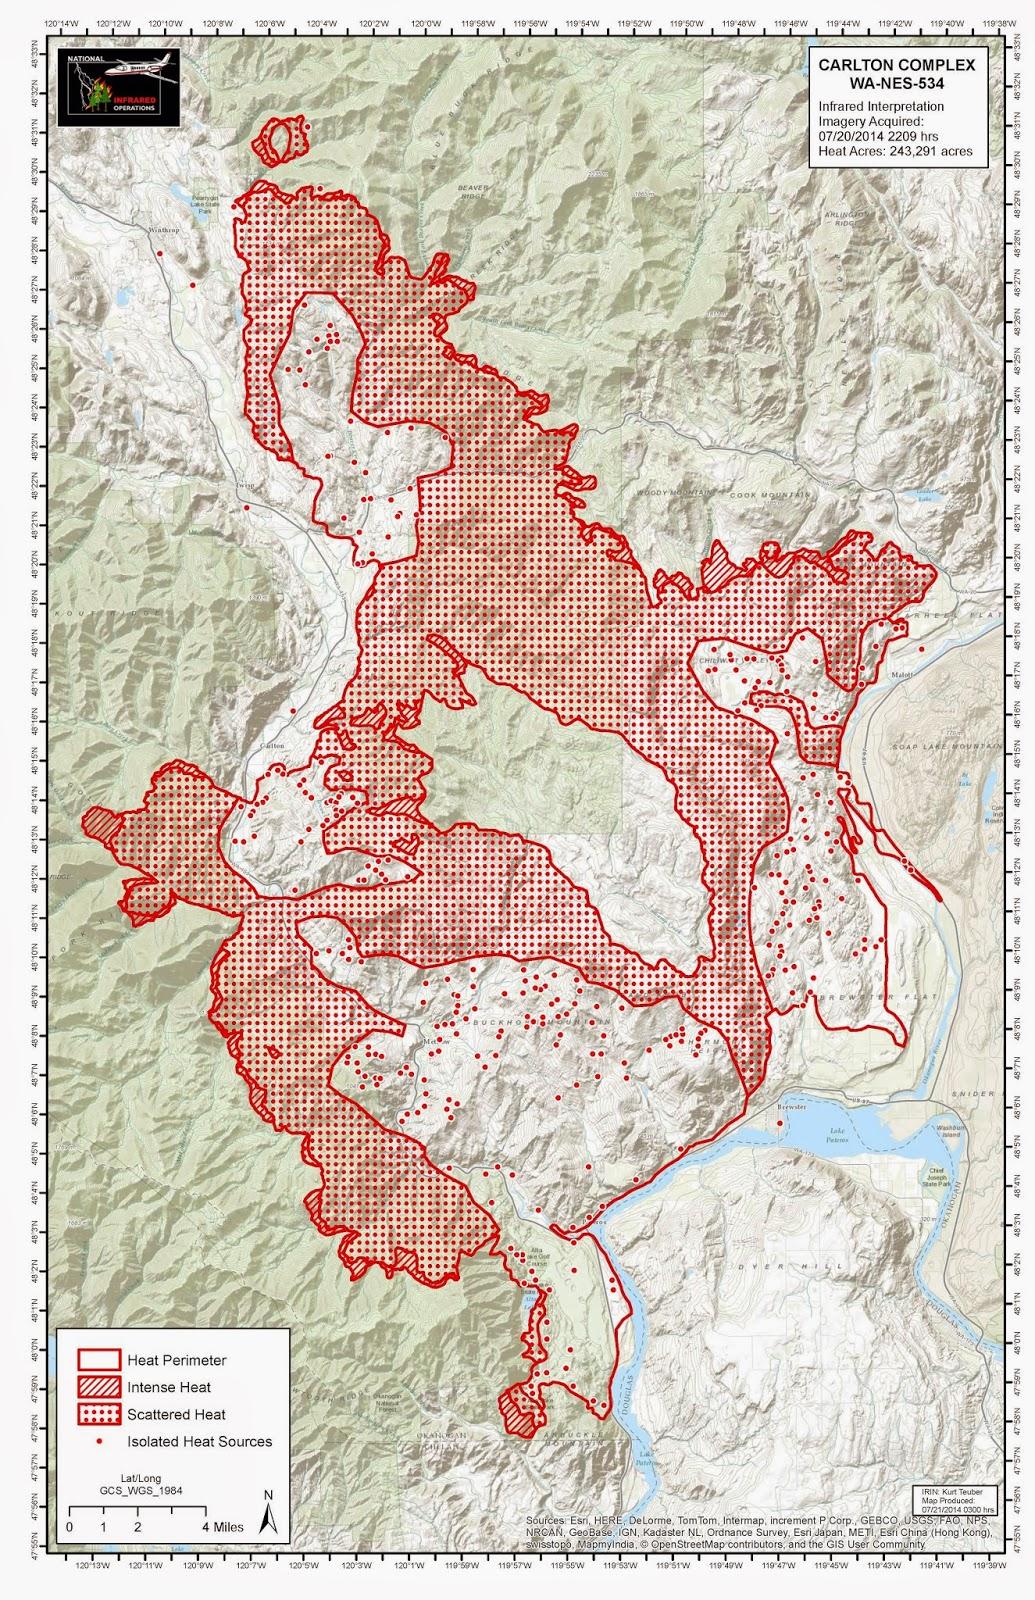 https://i2.wp.com/wildfiretoday.com/wp-content/uploads/2014/07/20140721_CarltonComplex_IR_map_11x17.jpg